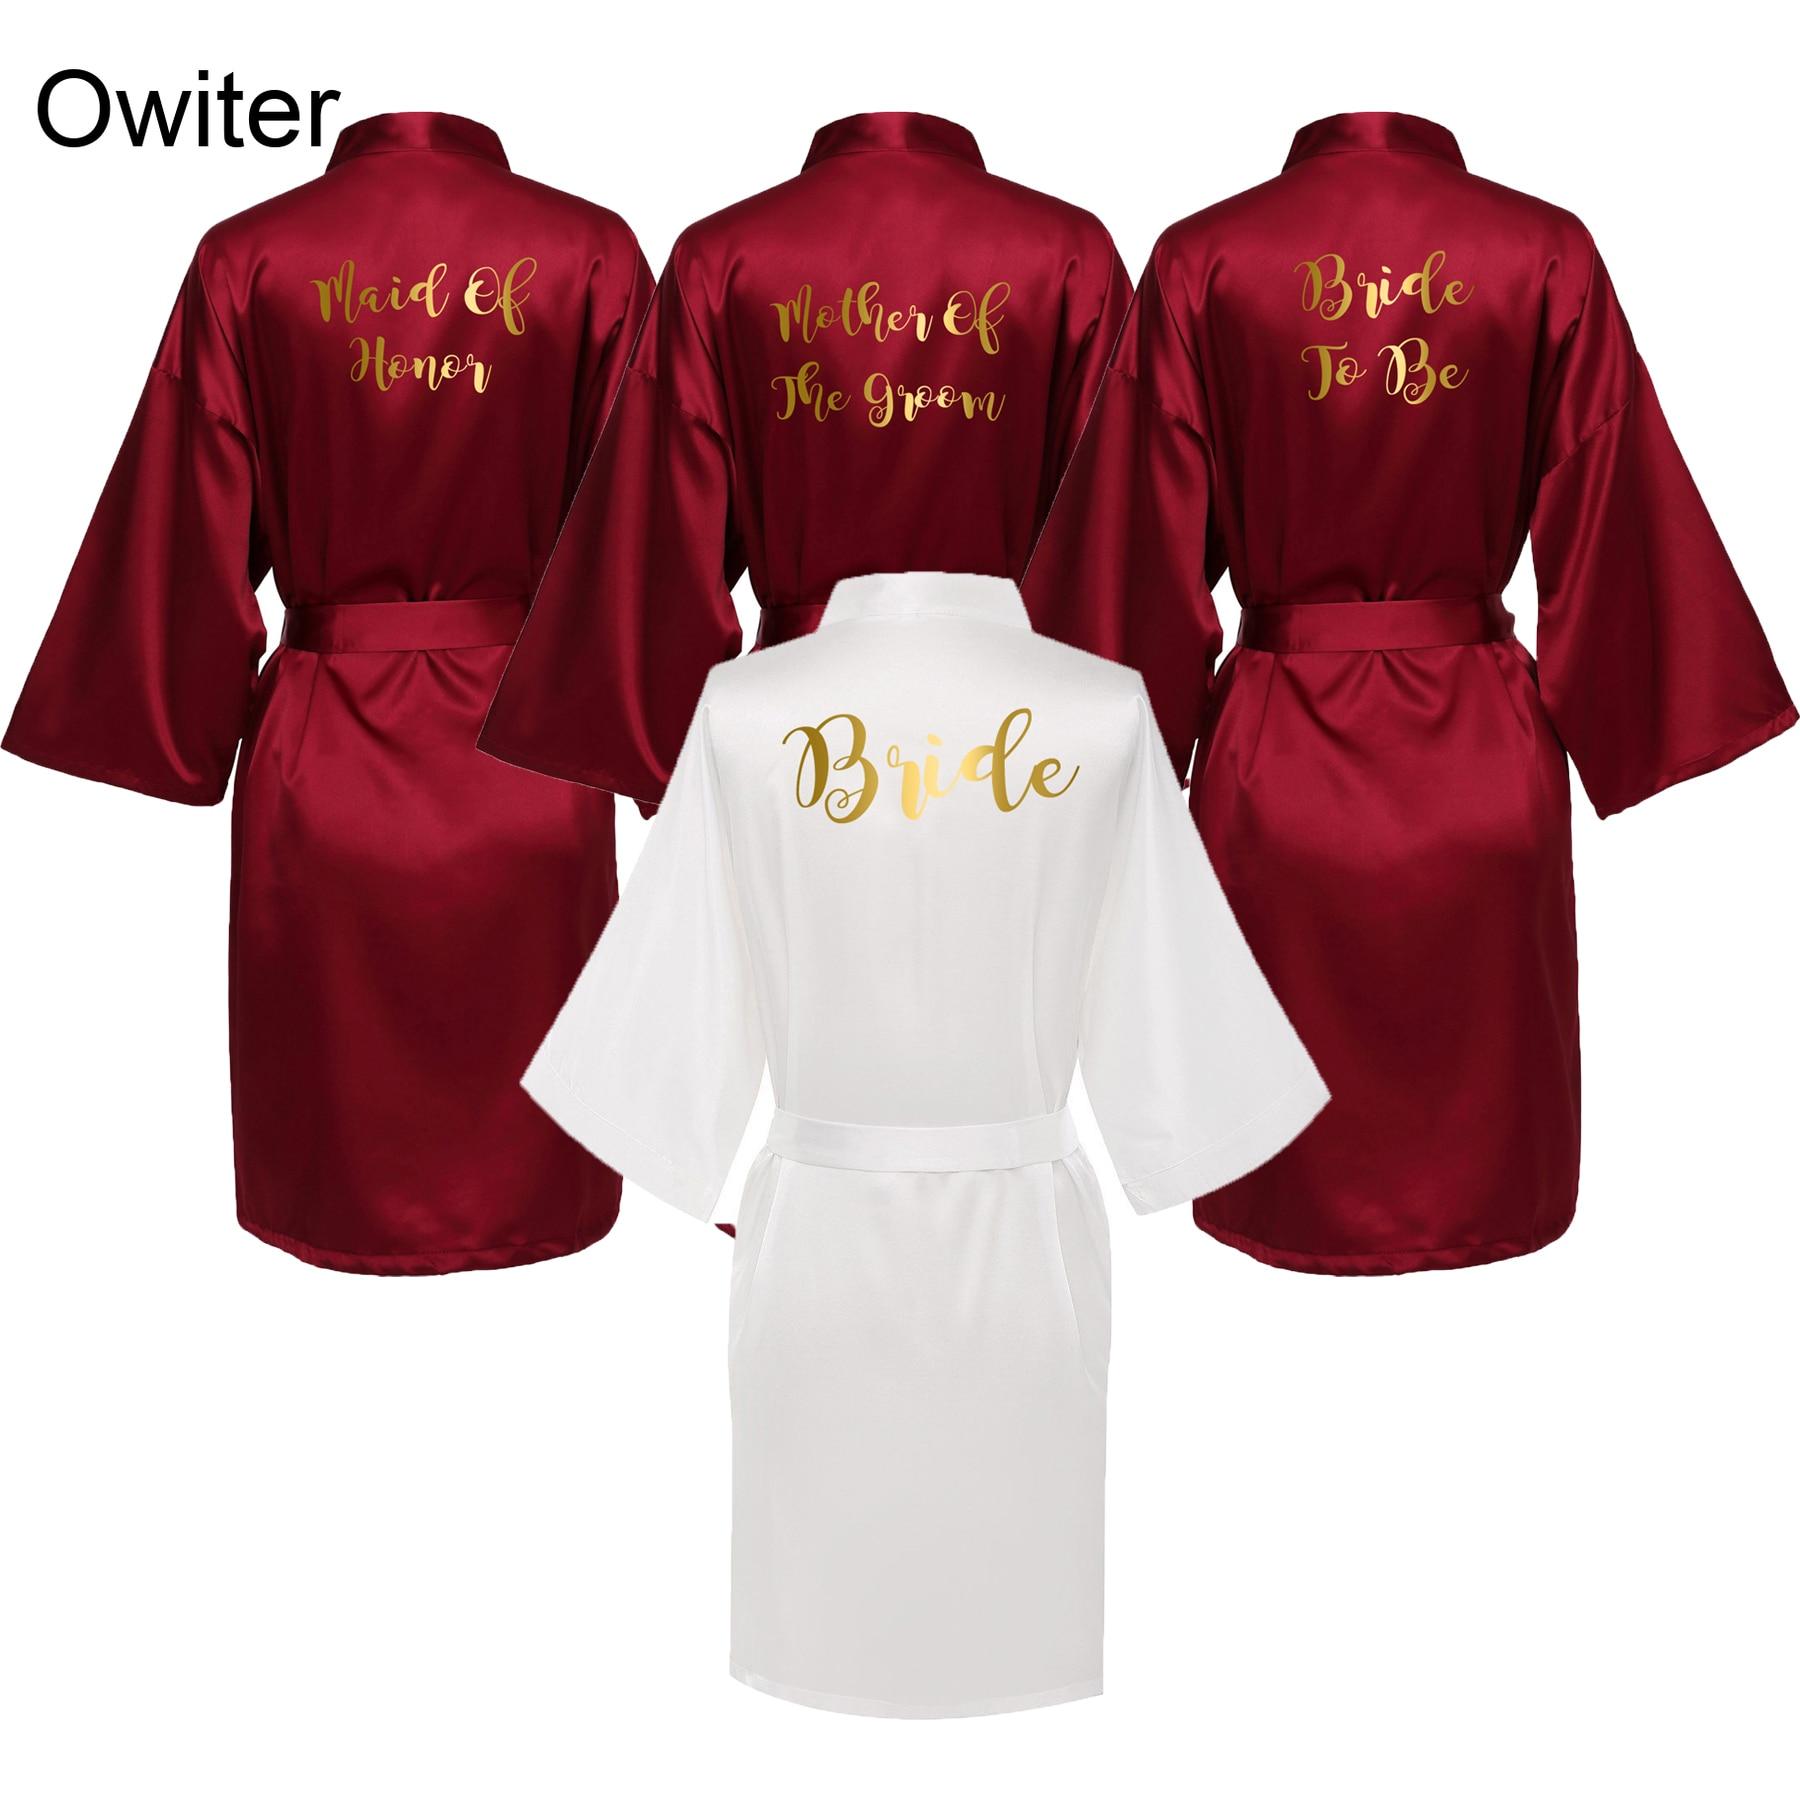 Owiter Bride Robe Women Burgundy Robe Satin Silk Robes Wedding  Bridal Bridesmaid  Robes